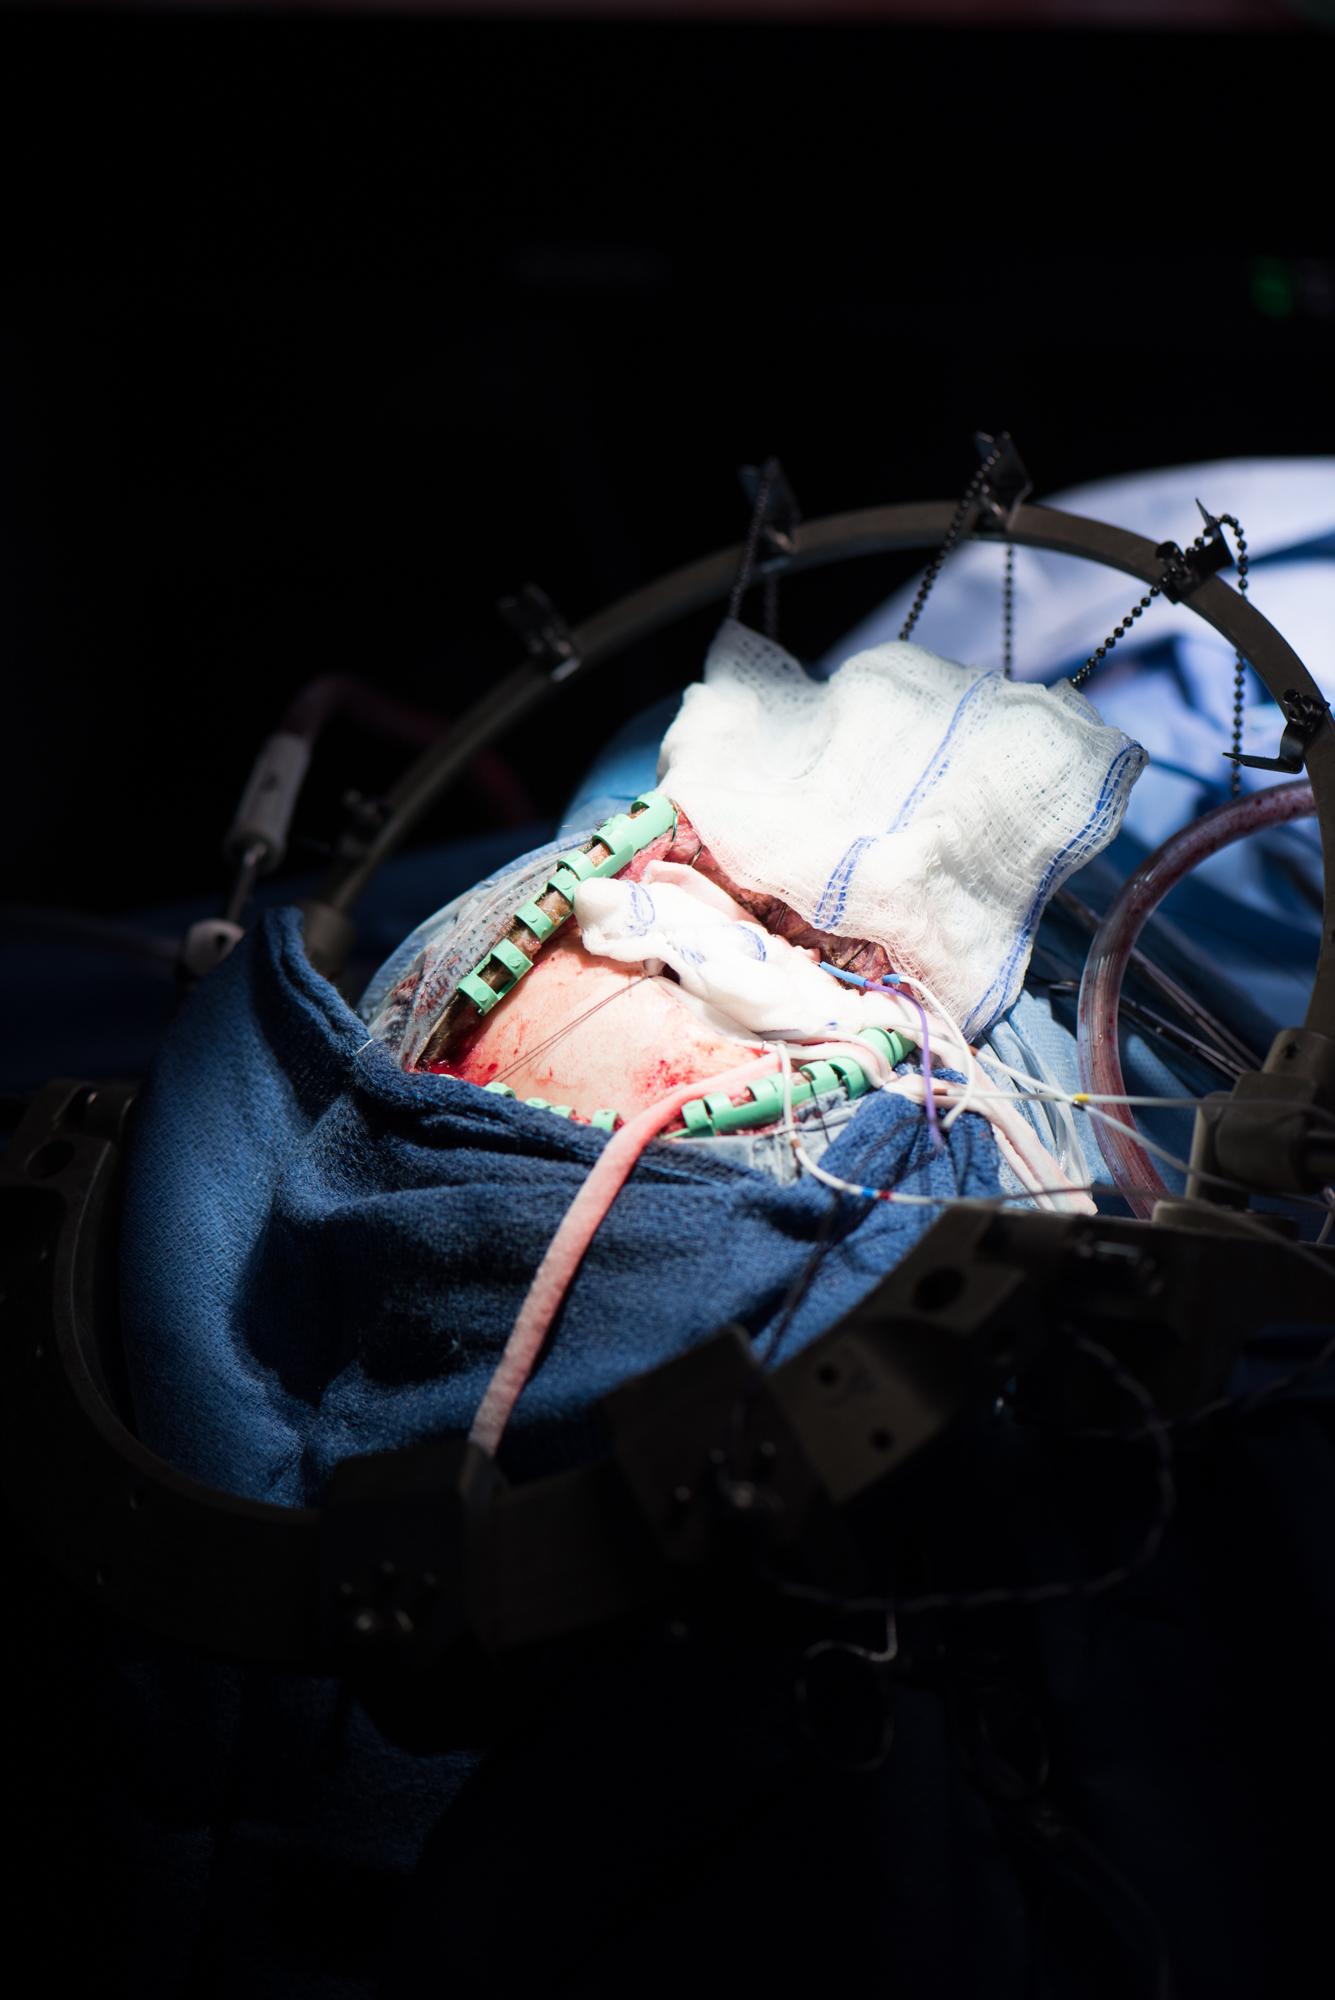 3D_Brain_Surgery_10.jpg